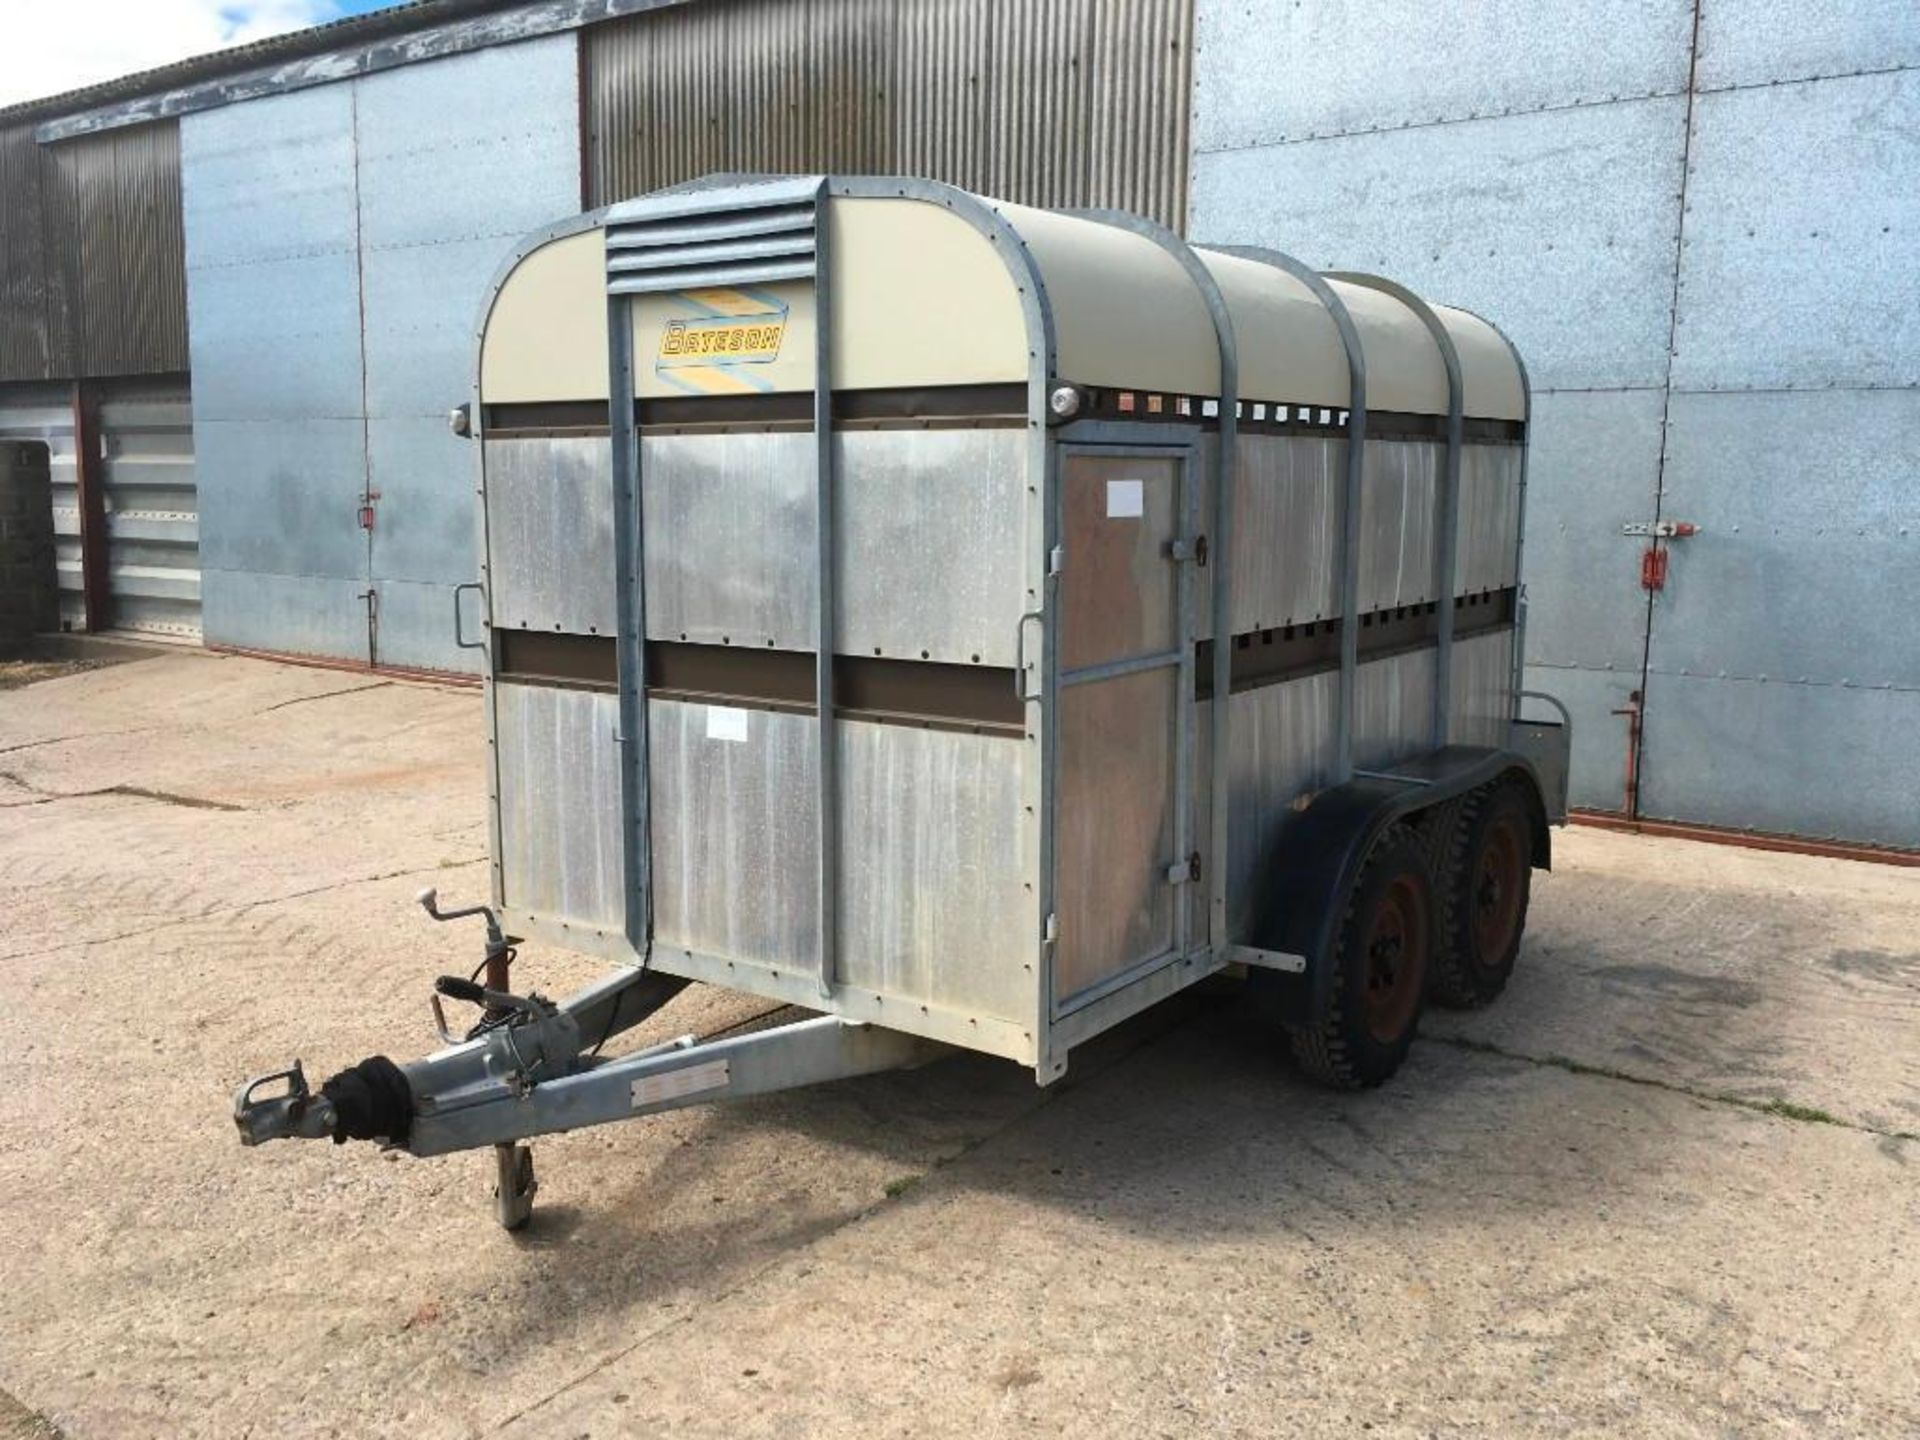 1996 Bateson Trailers 45LT twin axle livestock box, sprung rear door, side door, home made calf part - Image 8 of 14